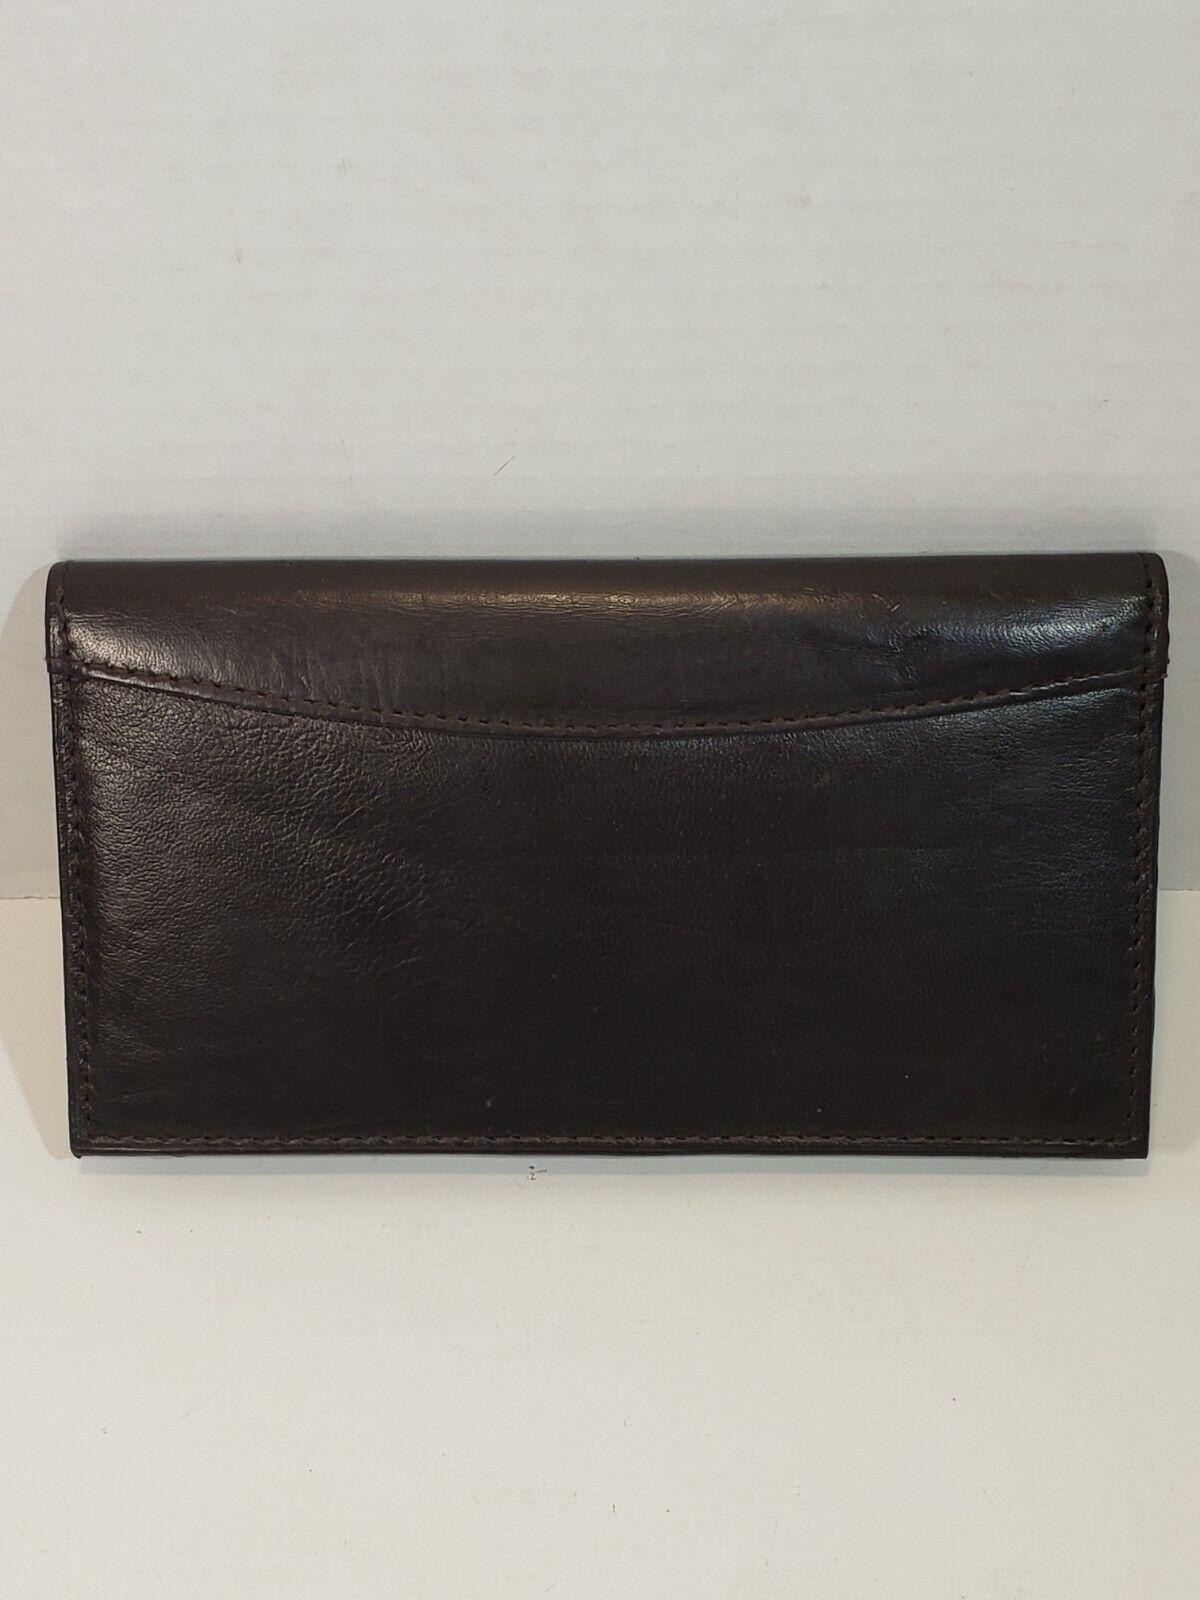 Lambskin Leather Checkbook Wallet Cash Pocket 8 Slot Credit Card & ID Holder BRN